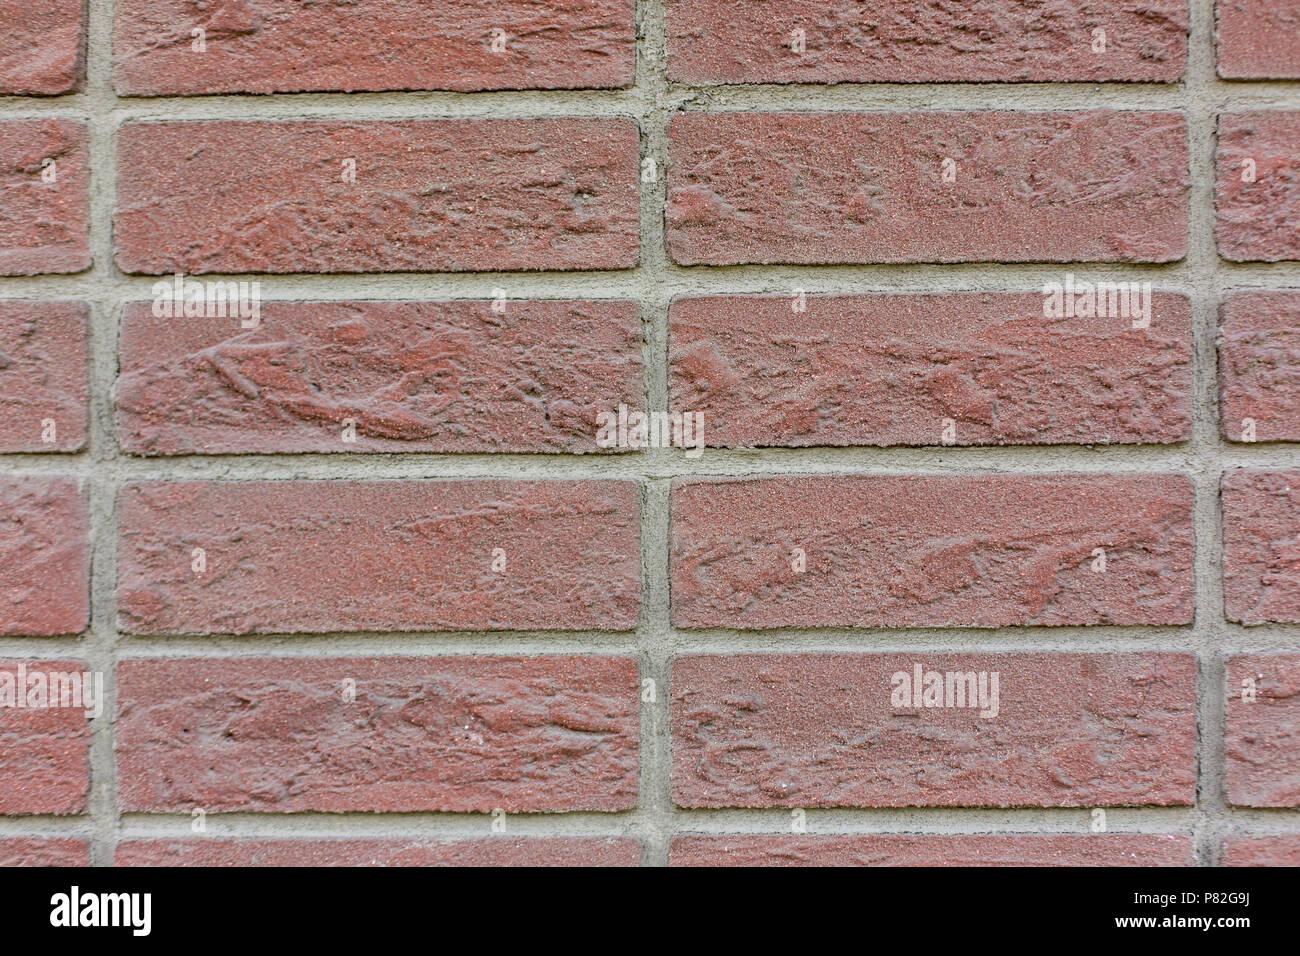 Piastrelle di pietra texture pattern di sfondo foto & immagine stock